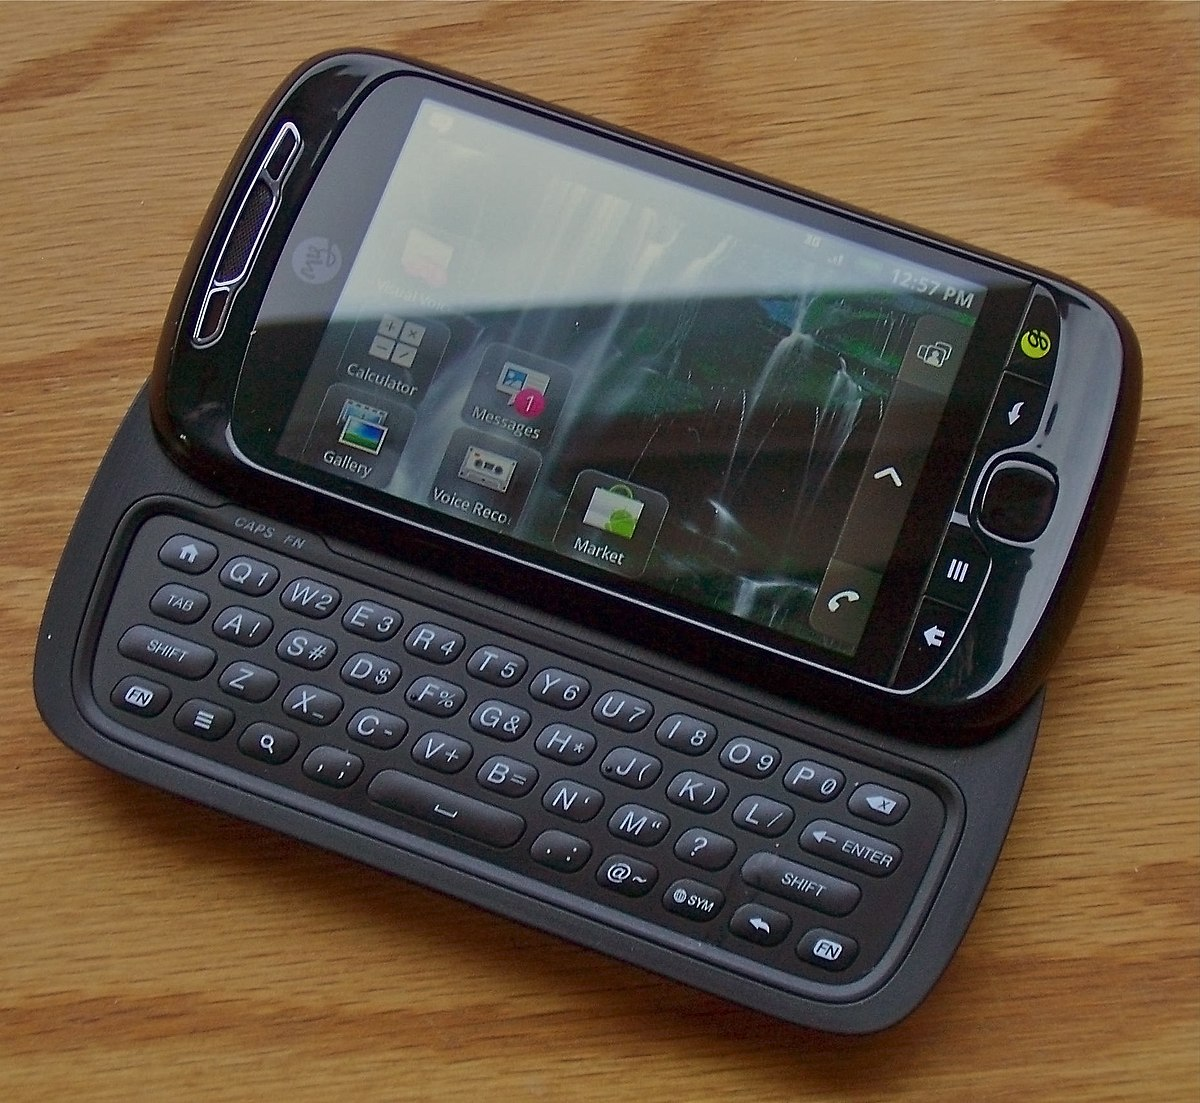 t mobile mytouch 3g slide wikipedia rh en wikipedia org HTC myTouch 3G Slide Updates T-Mobile HTC myTouch